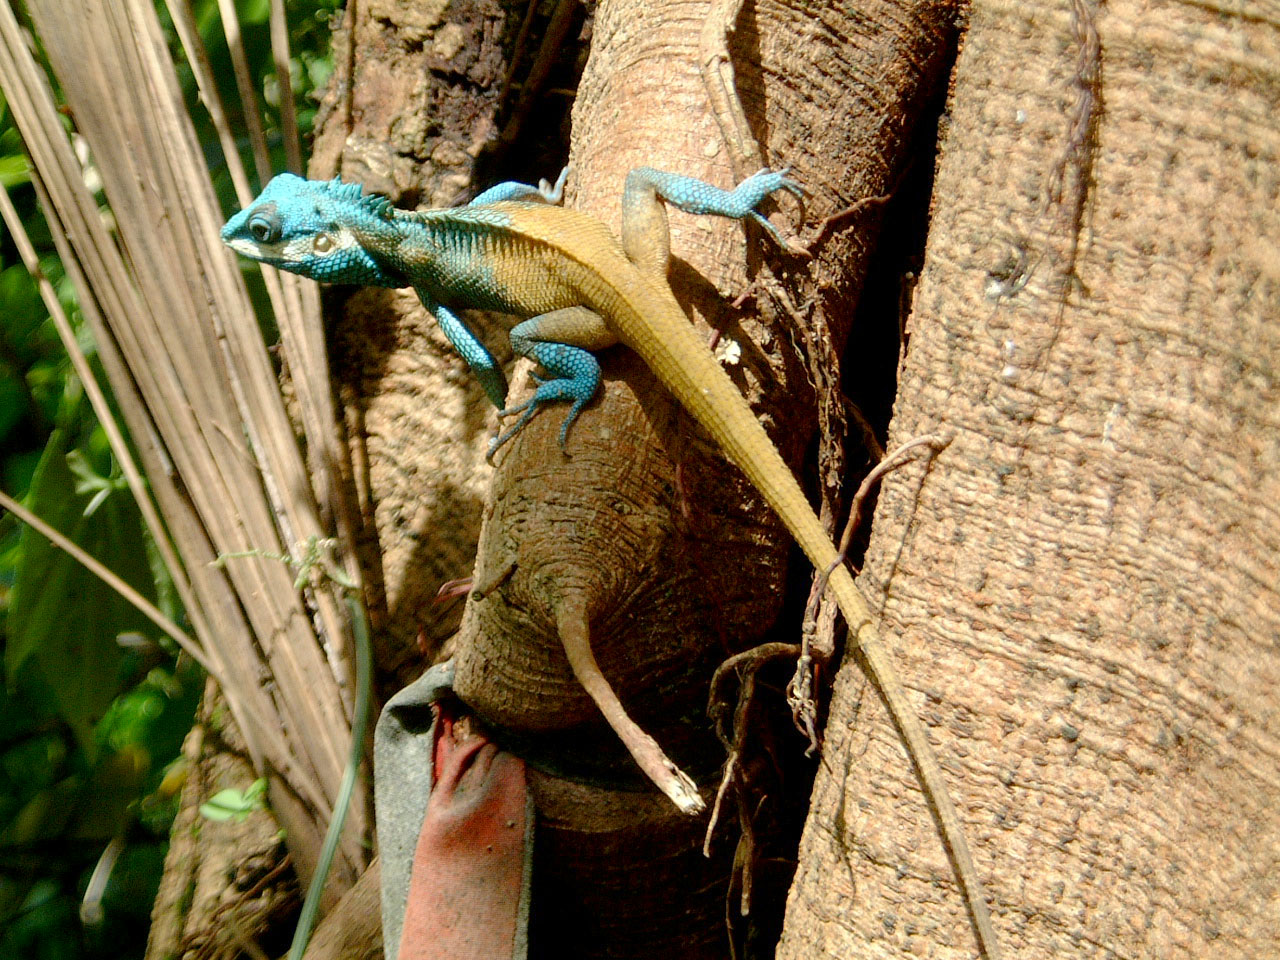 Lizard Myanmar Hmawbi 03